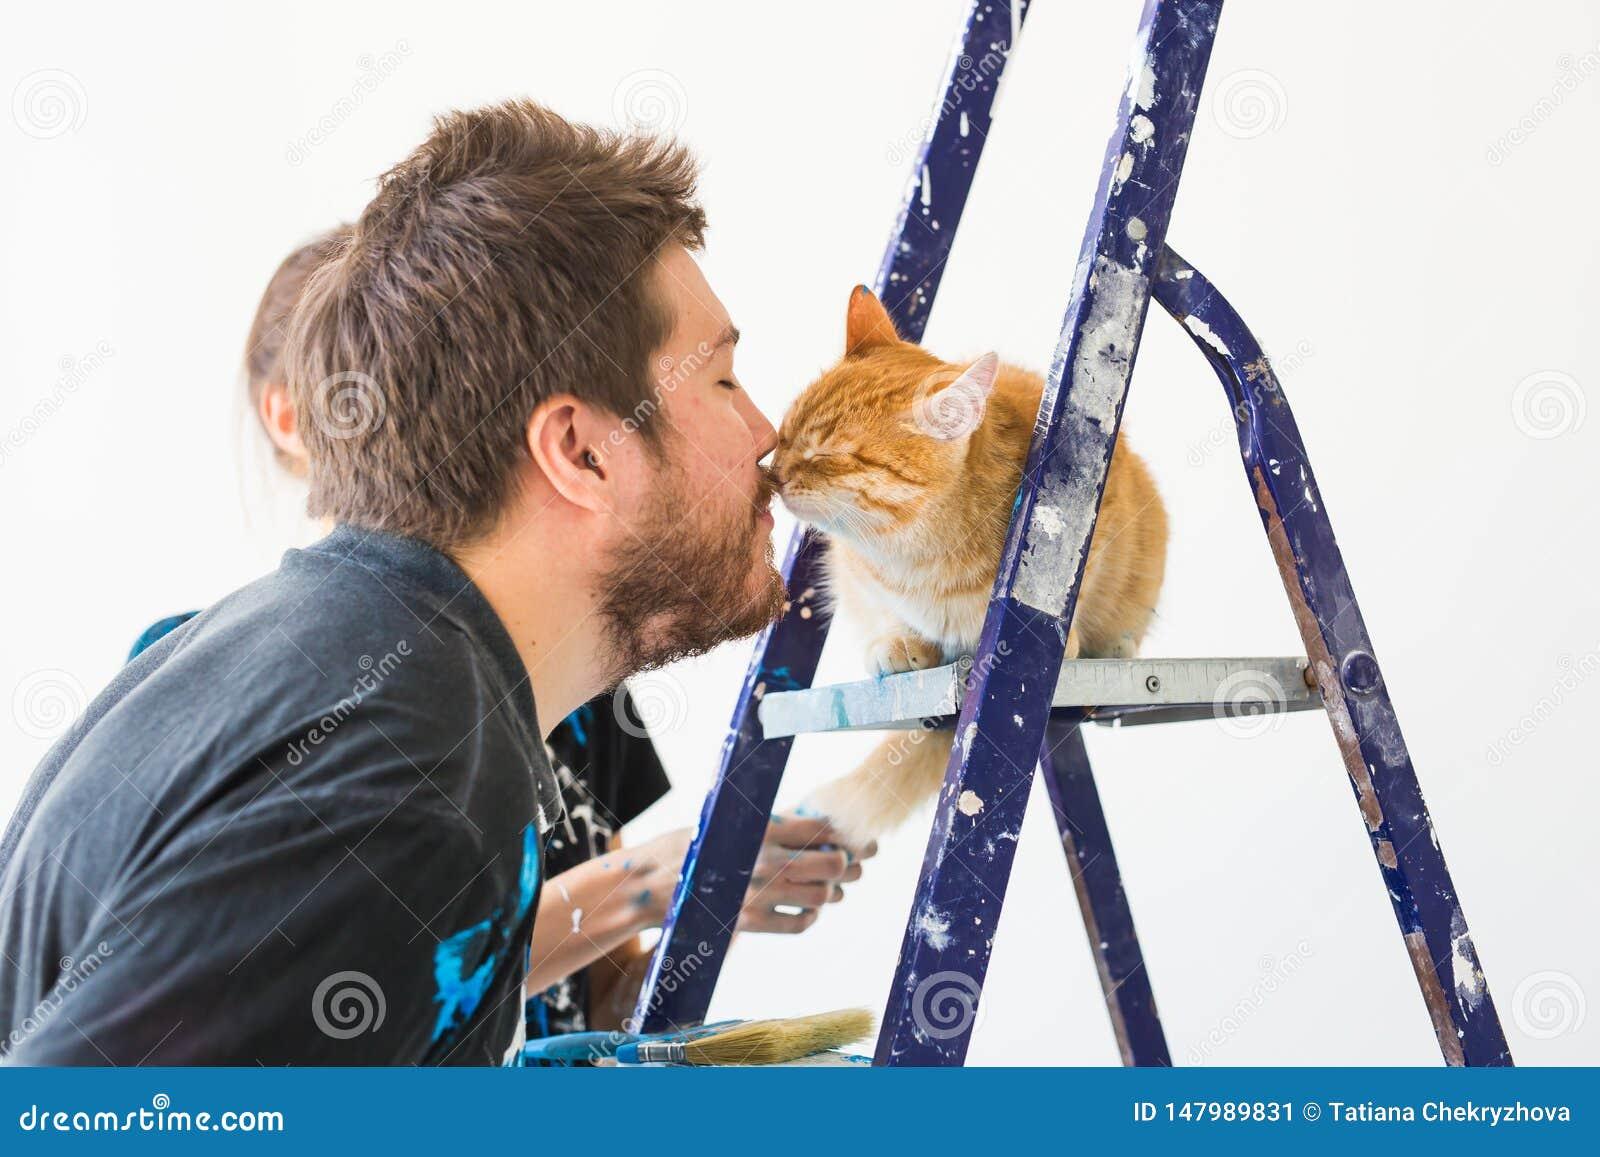 Ремонт, реновация, любимец и концепция пар любов - молодой человек с котом делая ремонт и крася стены